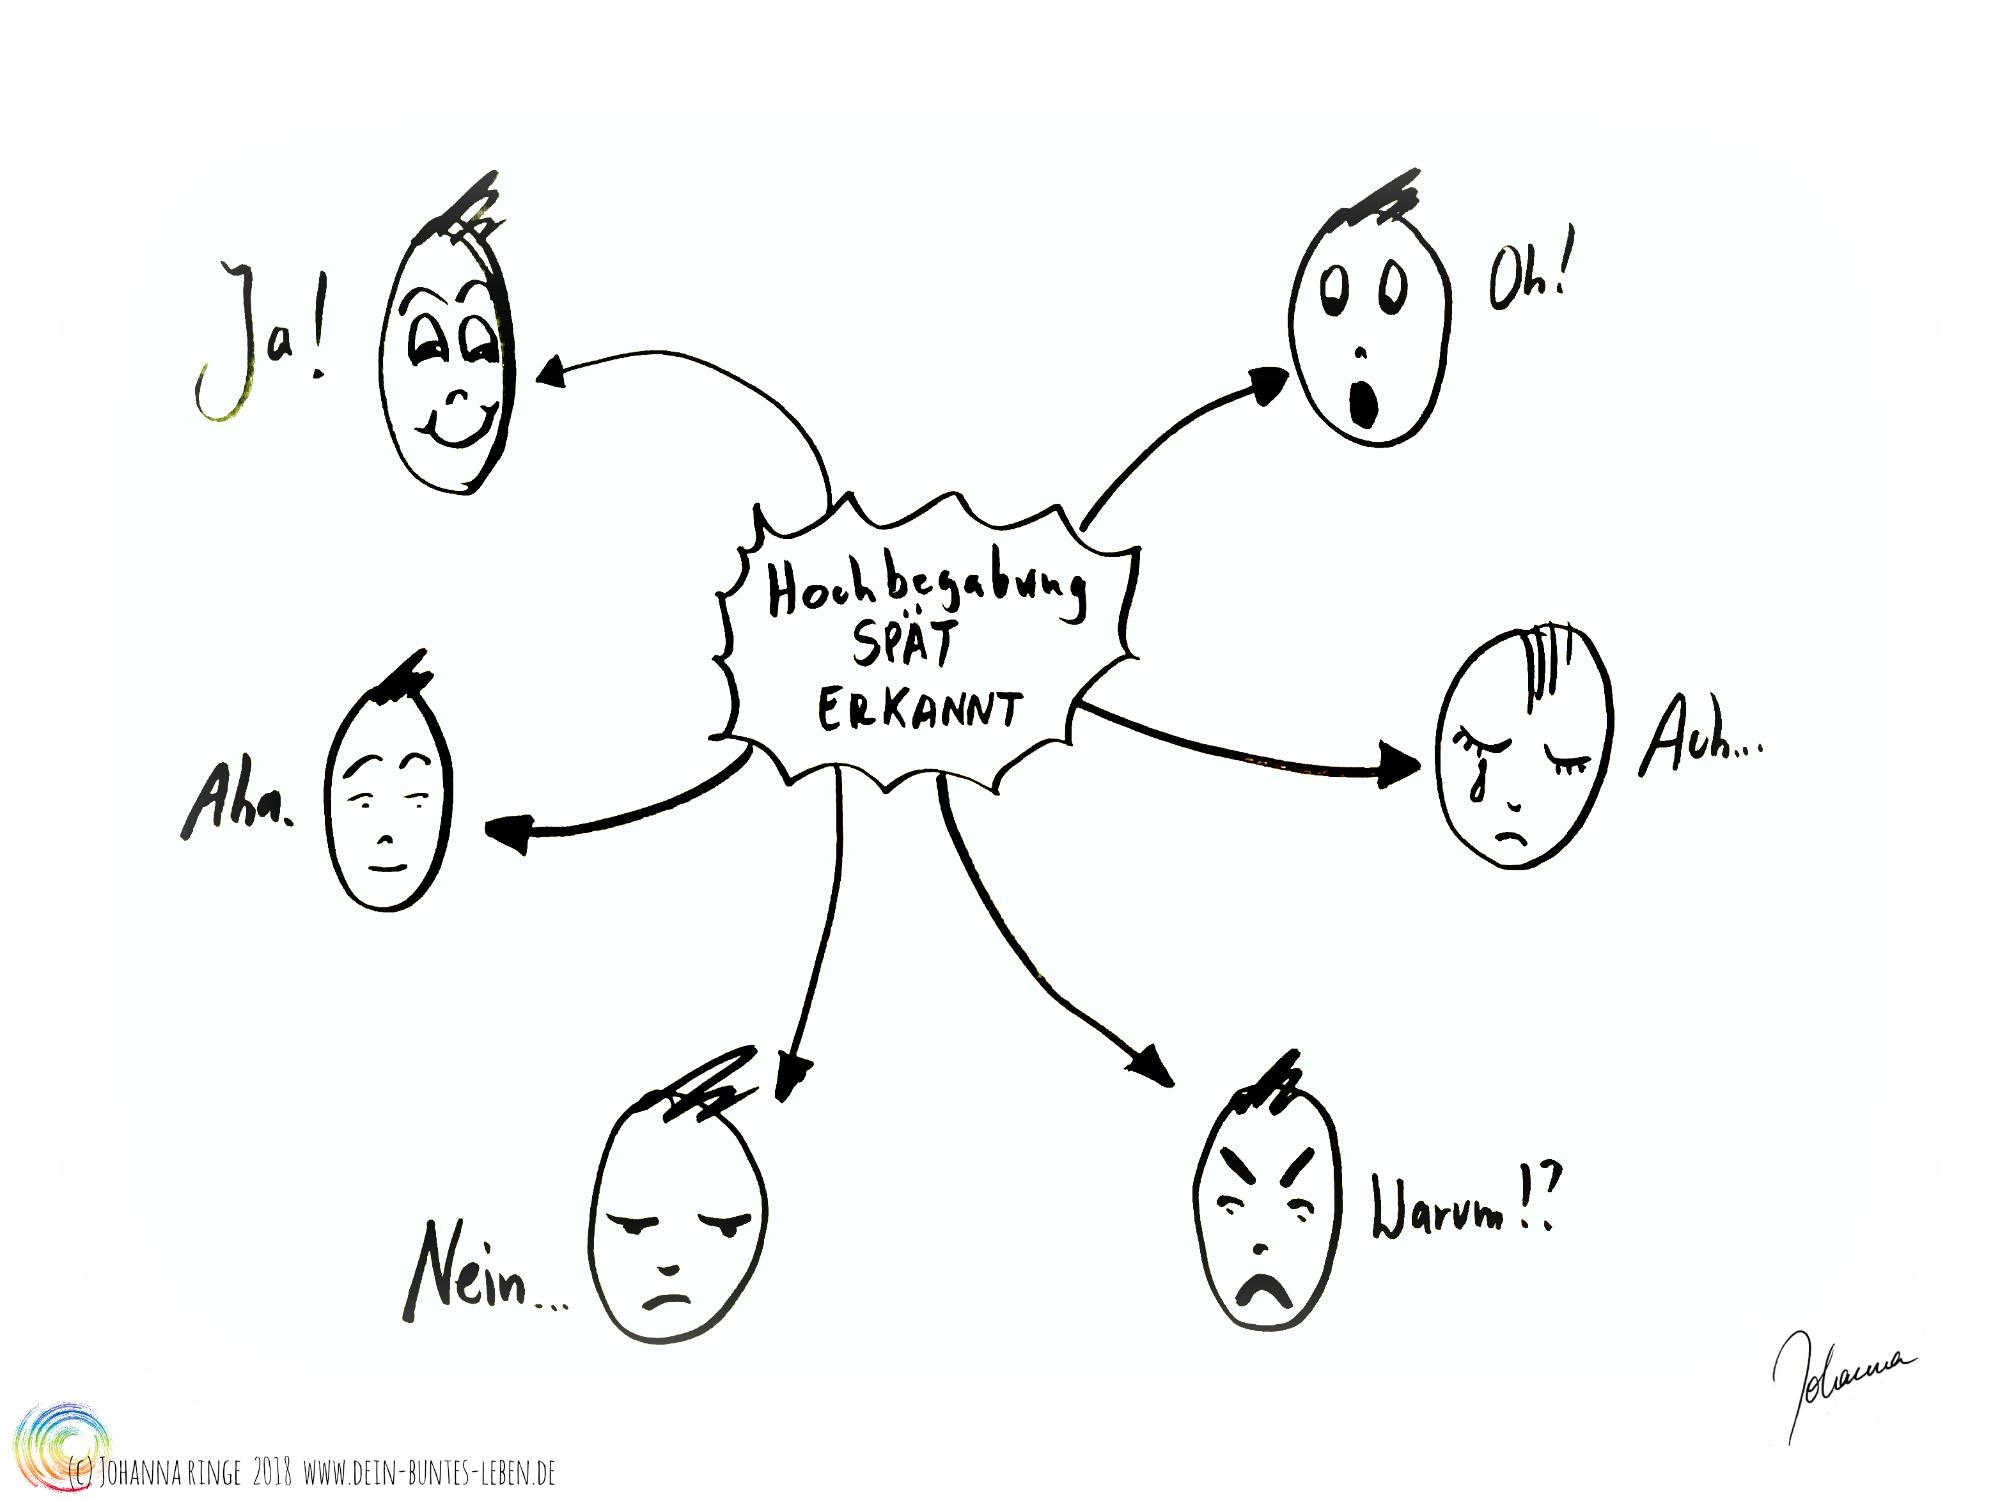 Hochbegabung spät erkannt, darum gezeichnet verschiedene Gesichtsausdrücke zwischen Schock, Verleugnung und Akzeptanz (c) 2018 Johanna Ringe www.dein-buntes-leben.de